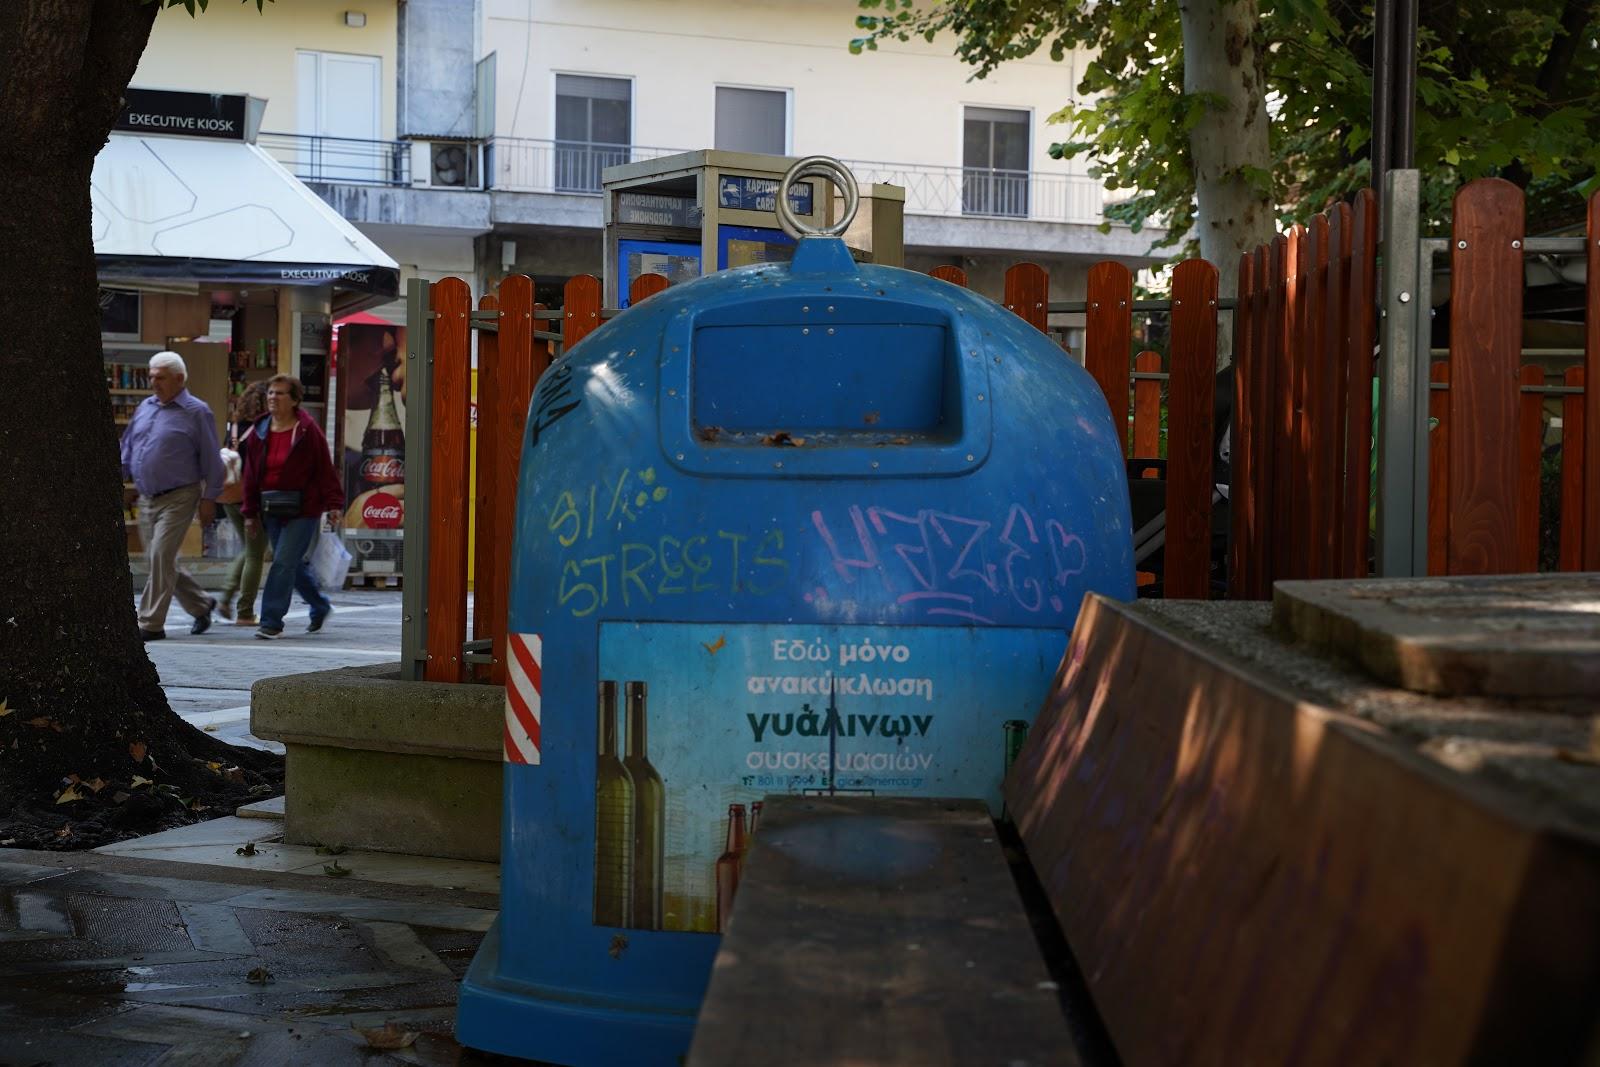 Ενημέρωση Δήμου Λαρισαίων σε επιχειρηματίες καταστημάτων υγειονομικού ενδιαφέροντος για την ανακύκλωση γυαλινων συσκευασιών